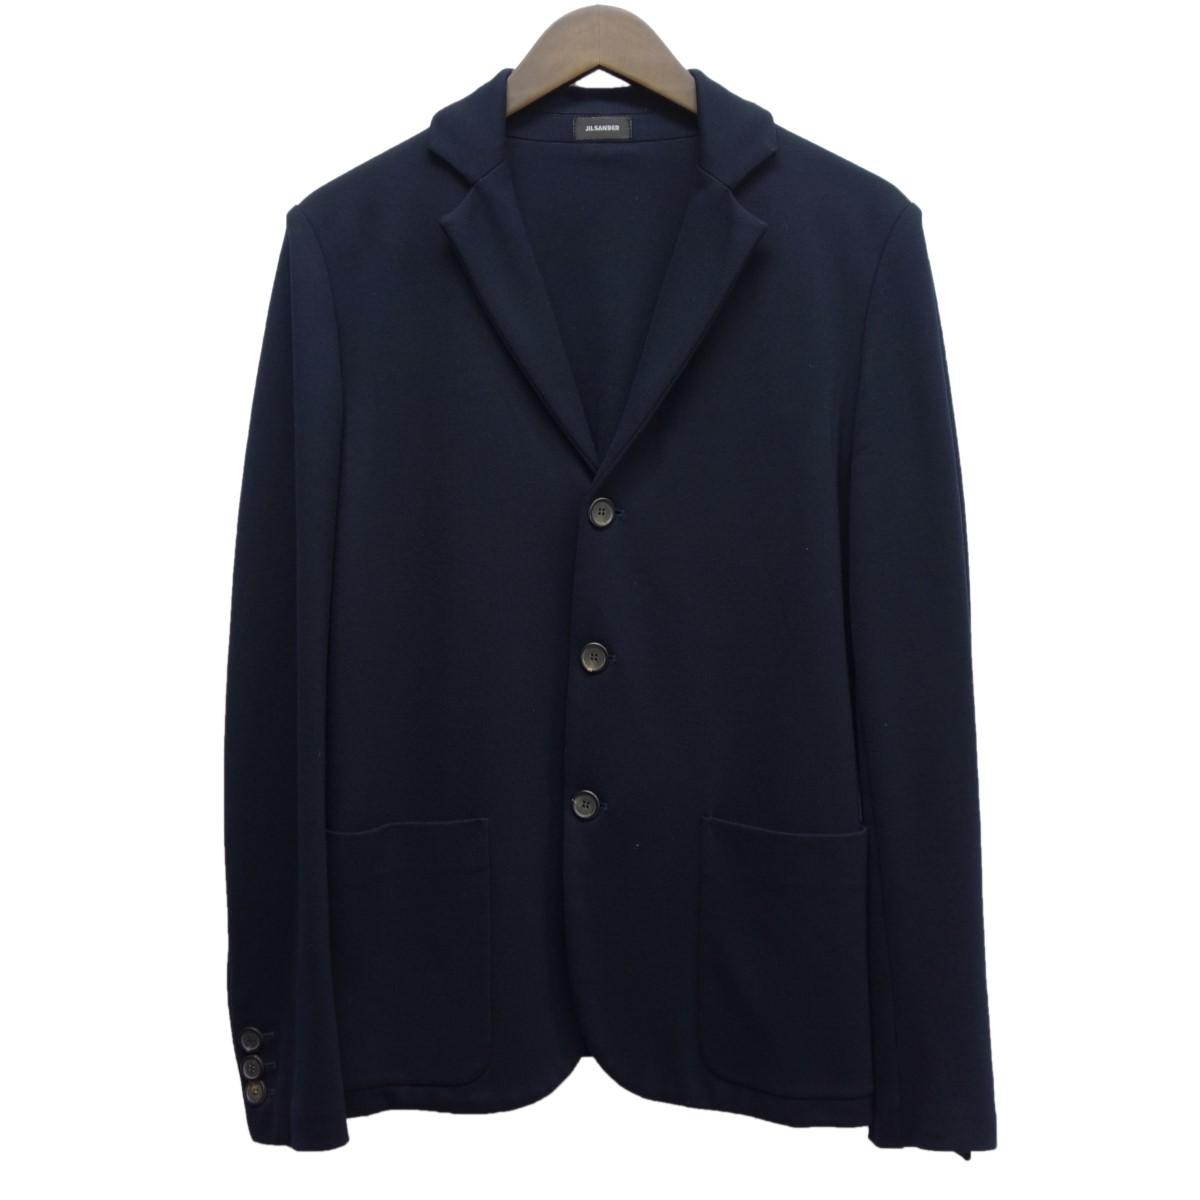 【中古】JIL SANDERノッチドラペル3Bジャケット ネイビー サイズ:S 【4月2日見直し】